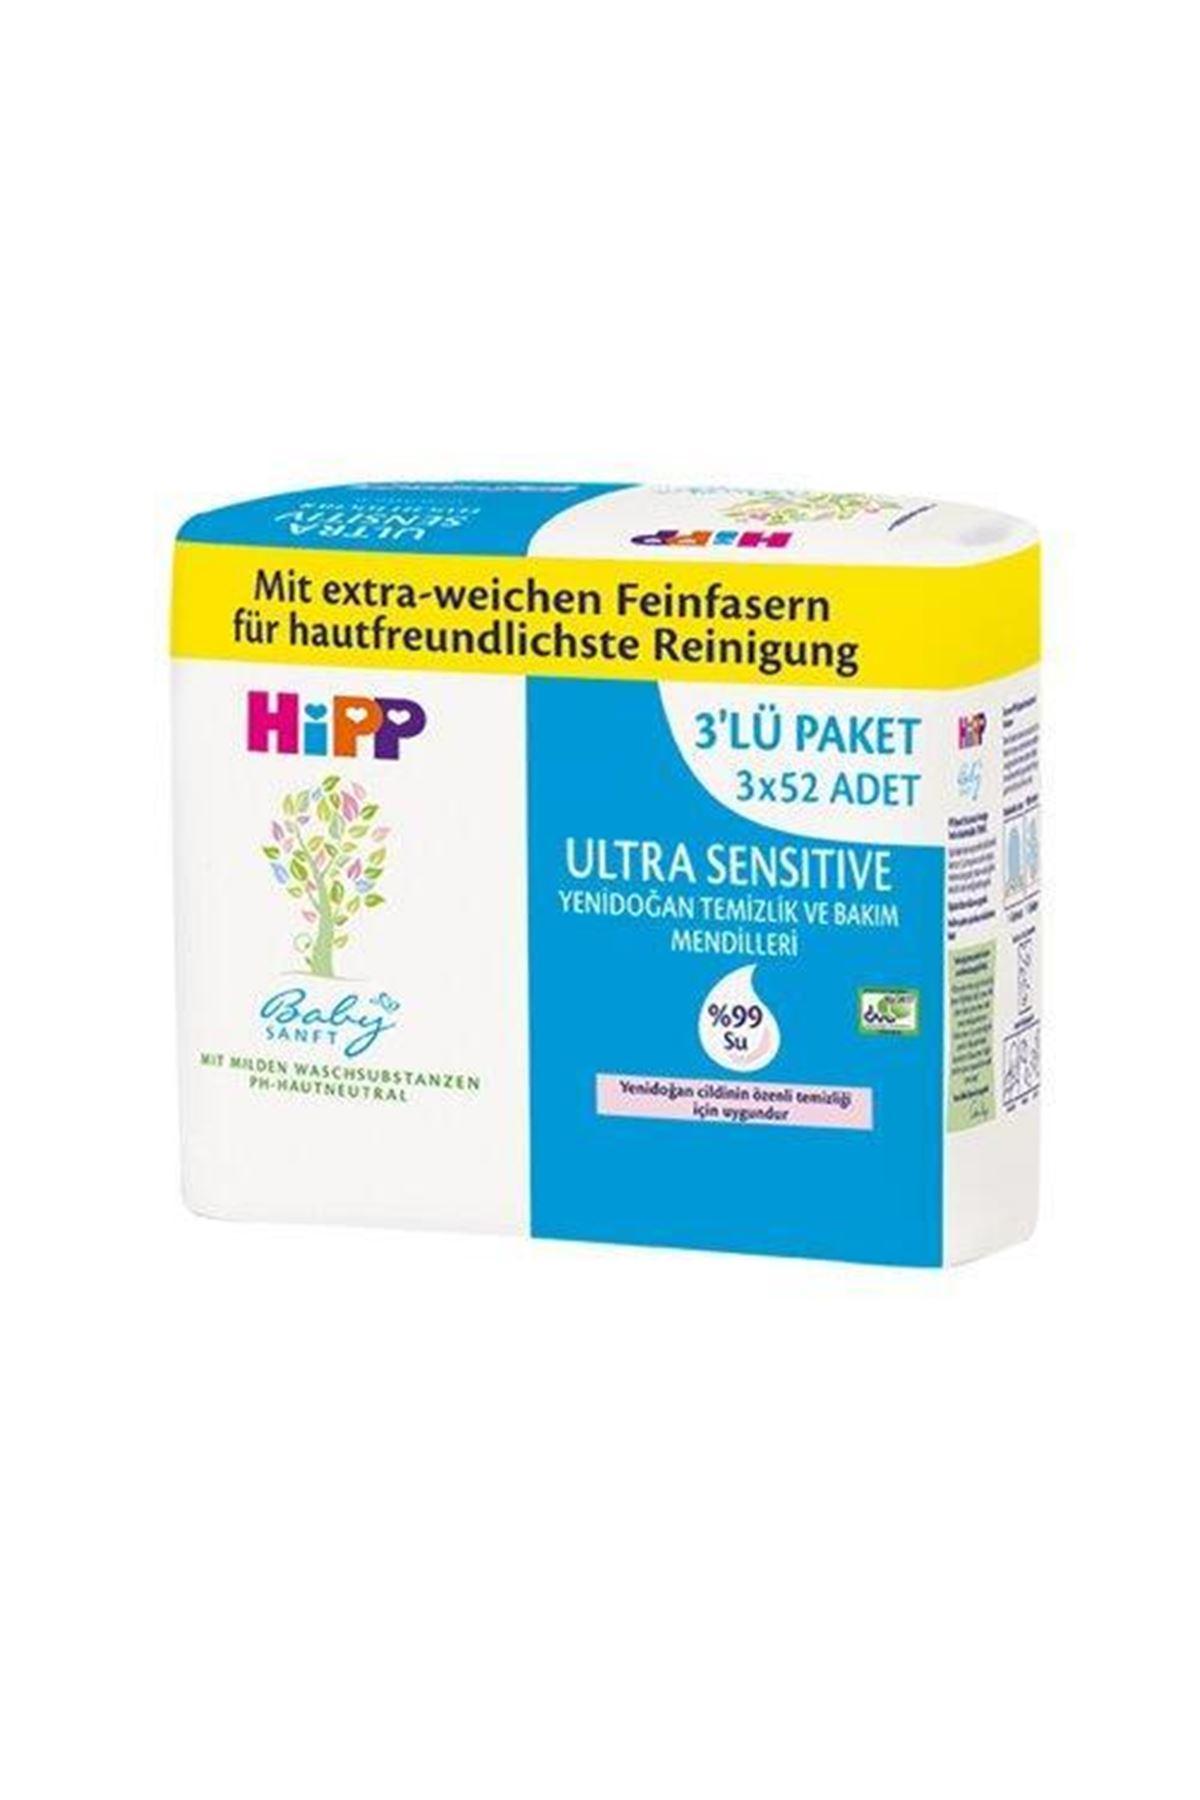 Hipp Yenidoğan Temizlik ve Bakım Mendili 3x52 156 Adet